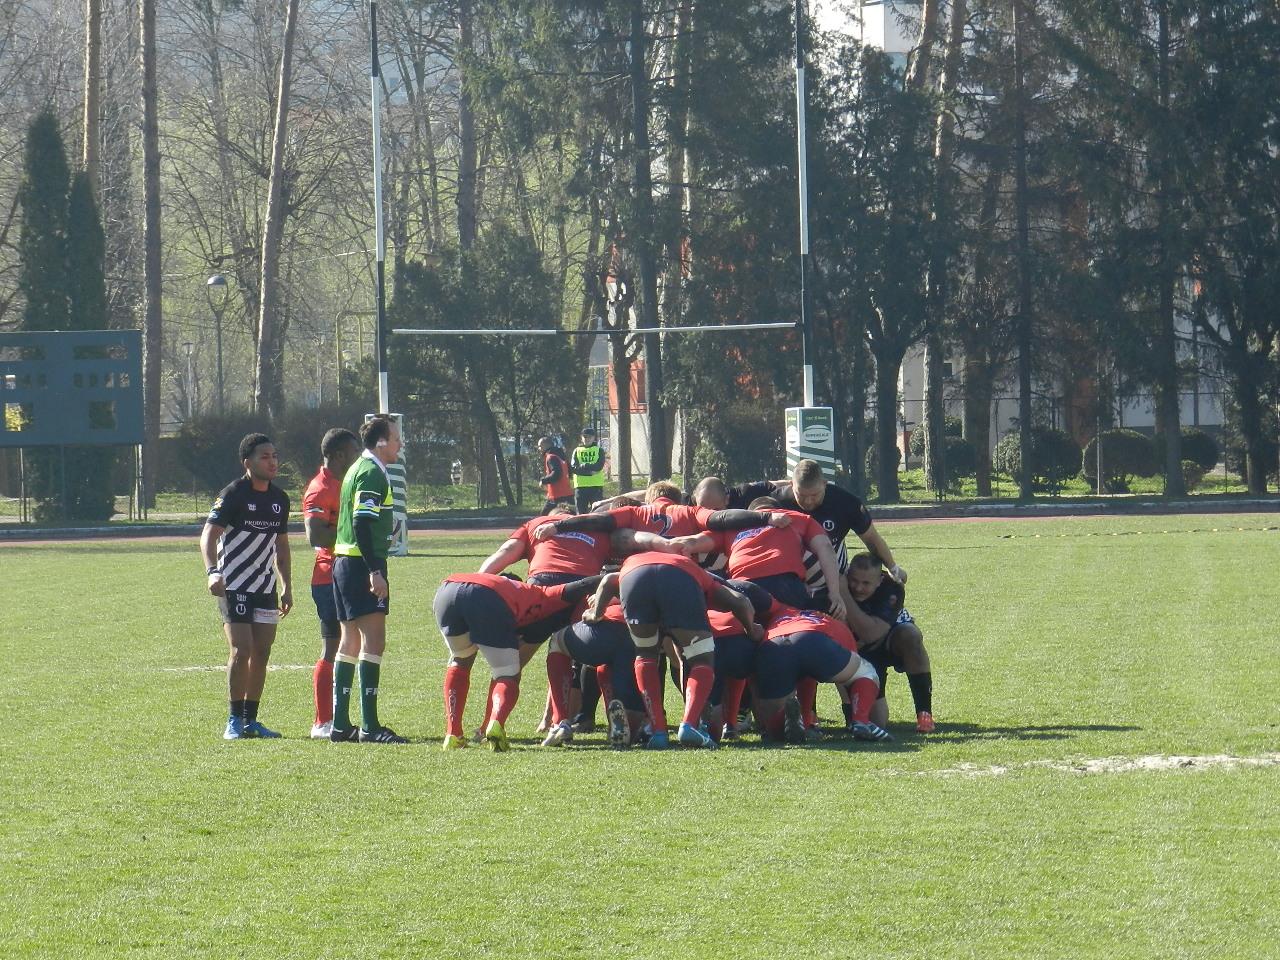 u prodvinalco rugby cu steaua